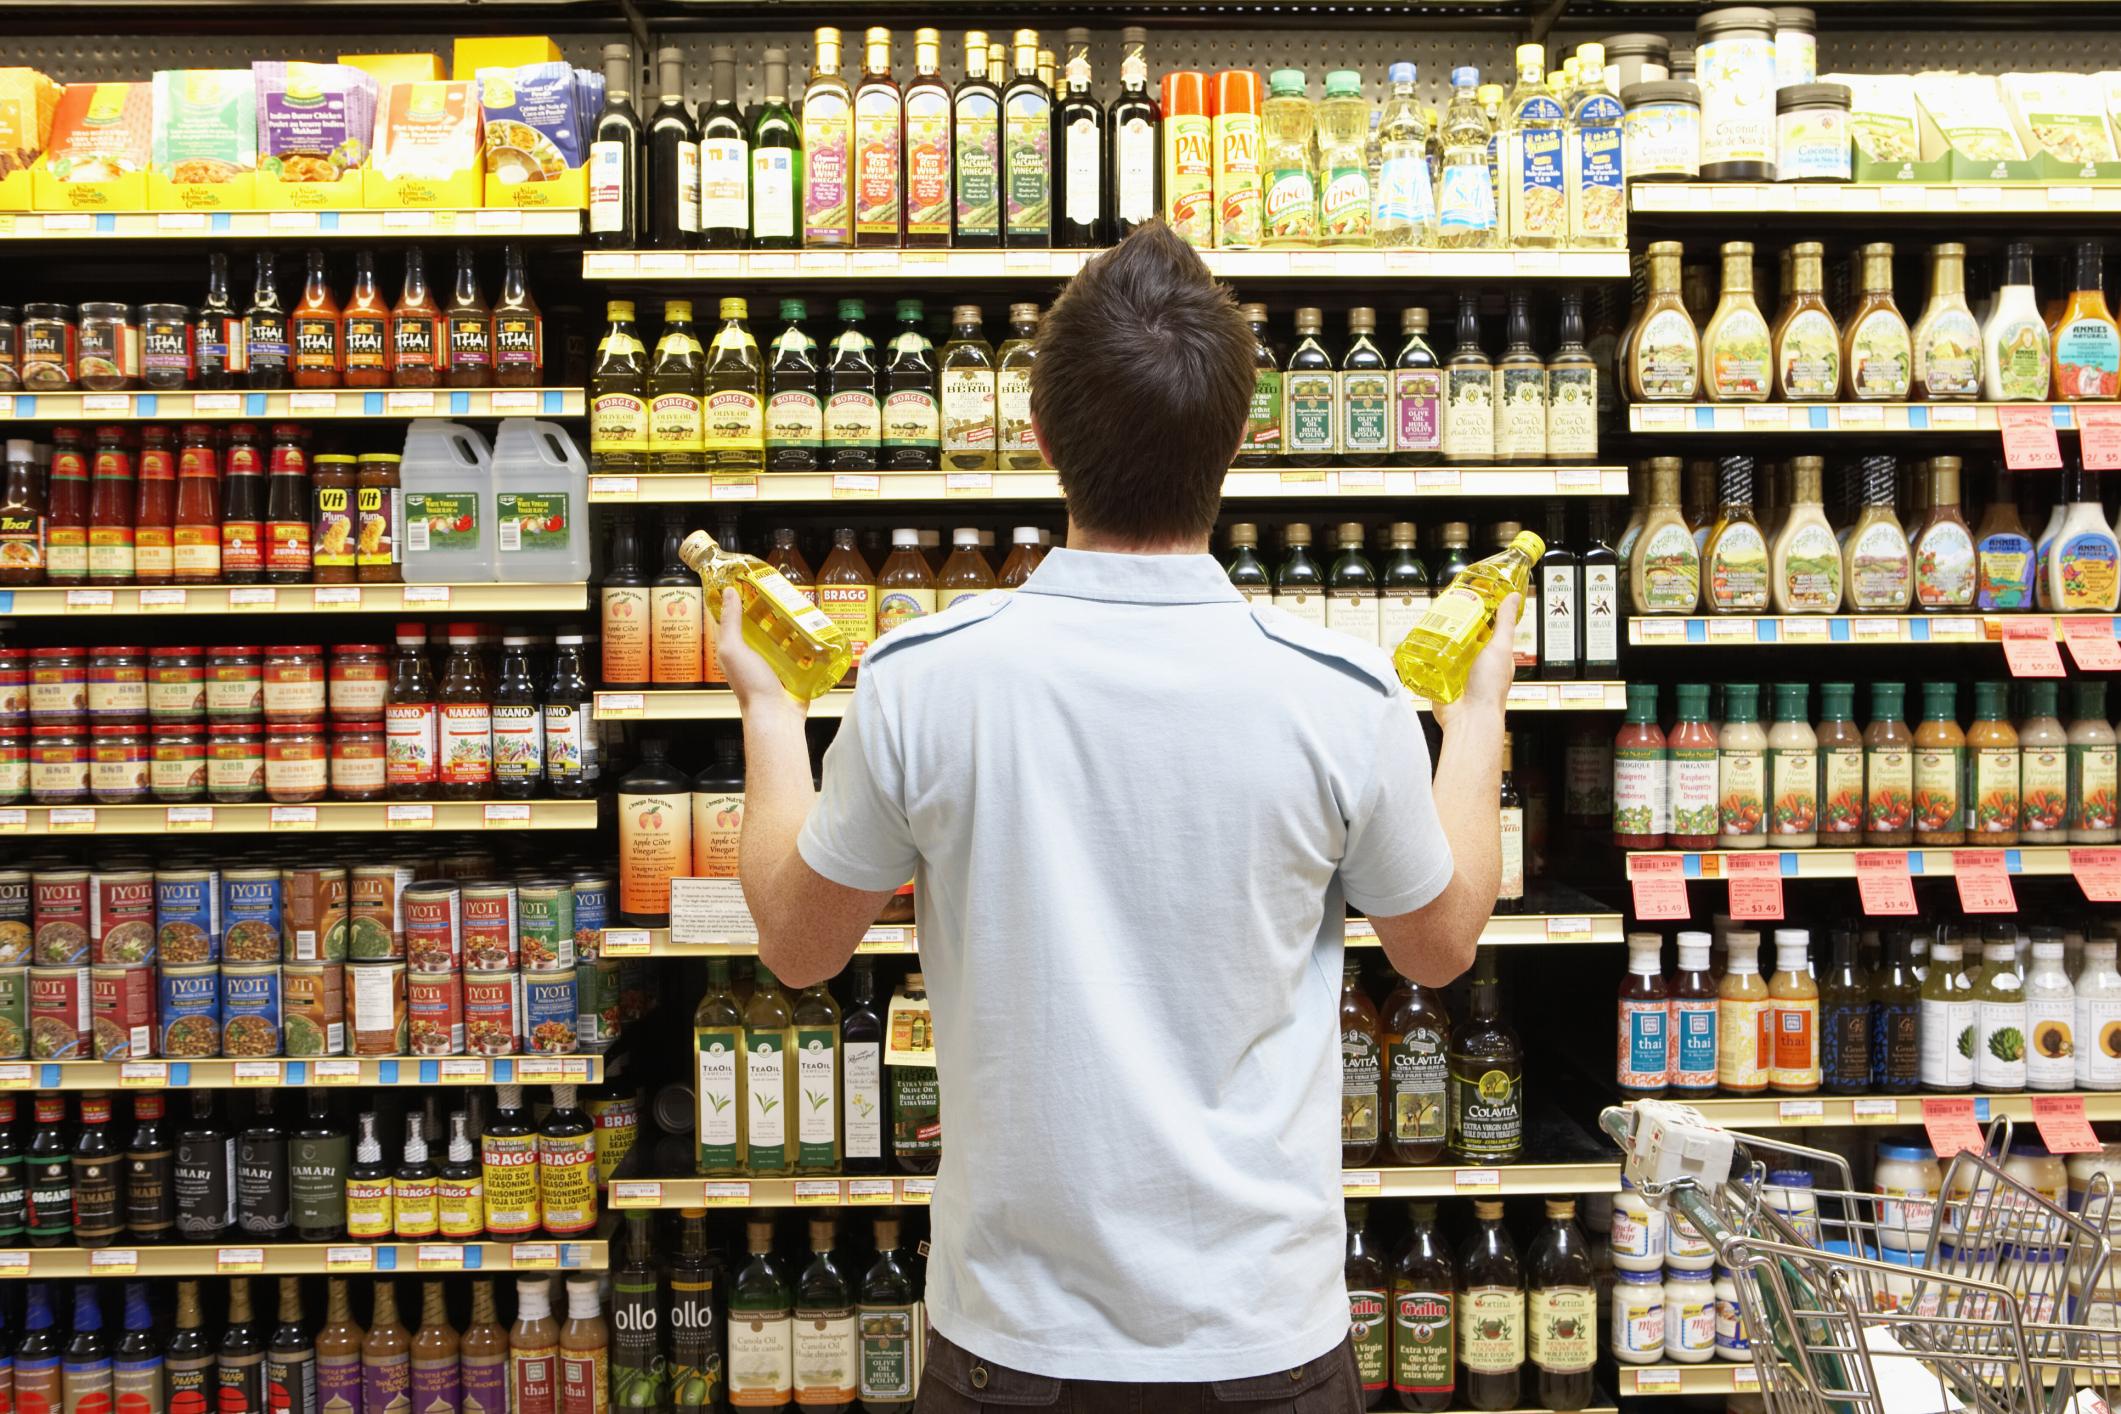 What Is a Mirrored Set in Retail Merchandising? | Bizfluent